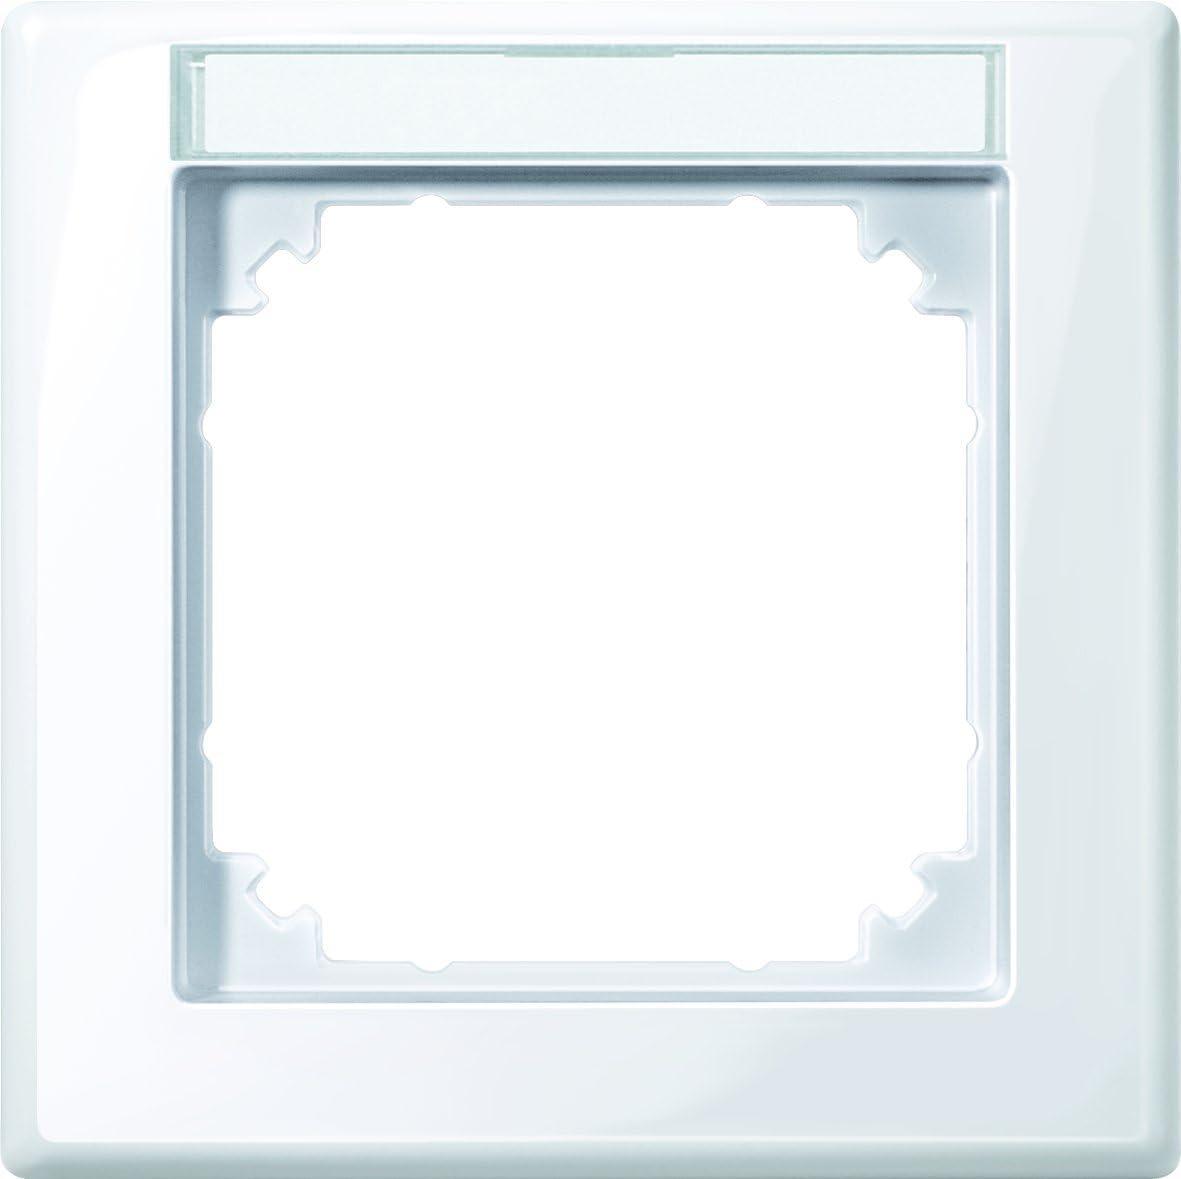 1fach mit Beschriftungstr/äger Merten 470125 M-SMART-Rahmen aktivwei/ß gl/änzend